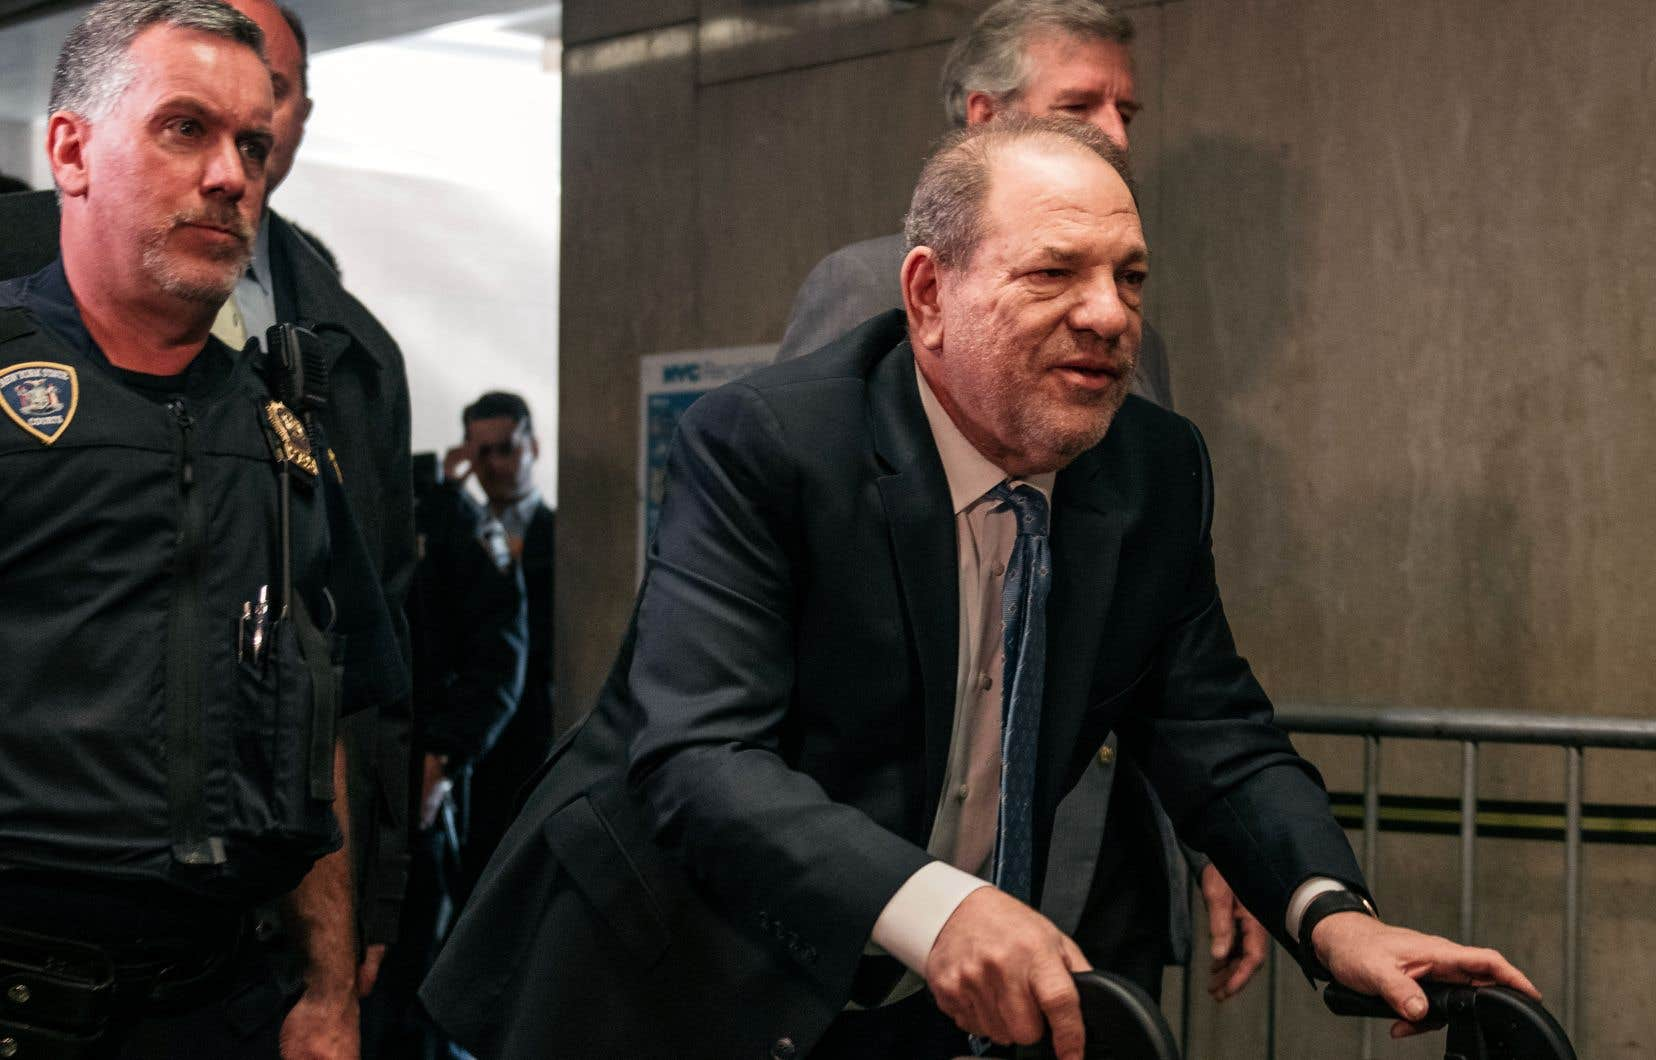 La conclusion du procès d'Harvey Weinstein (photo) a été largement saluée mardi… y compris par le président américain, Donald Trump — pourtant lui aussi visé par de multiples allégations de harcèlement et d'agressions sexuelles.